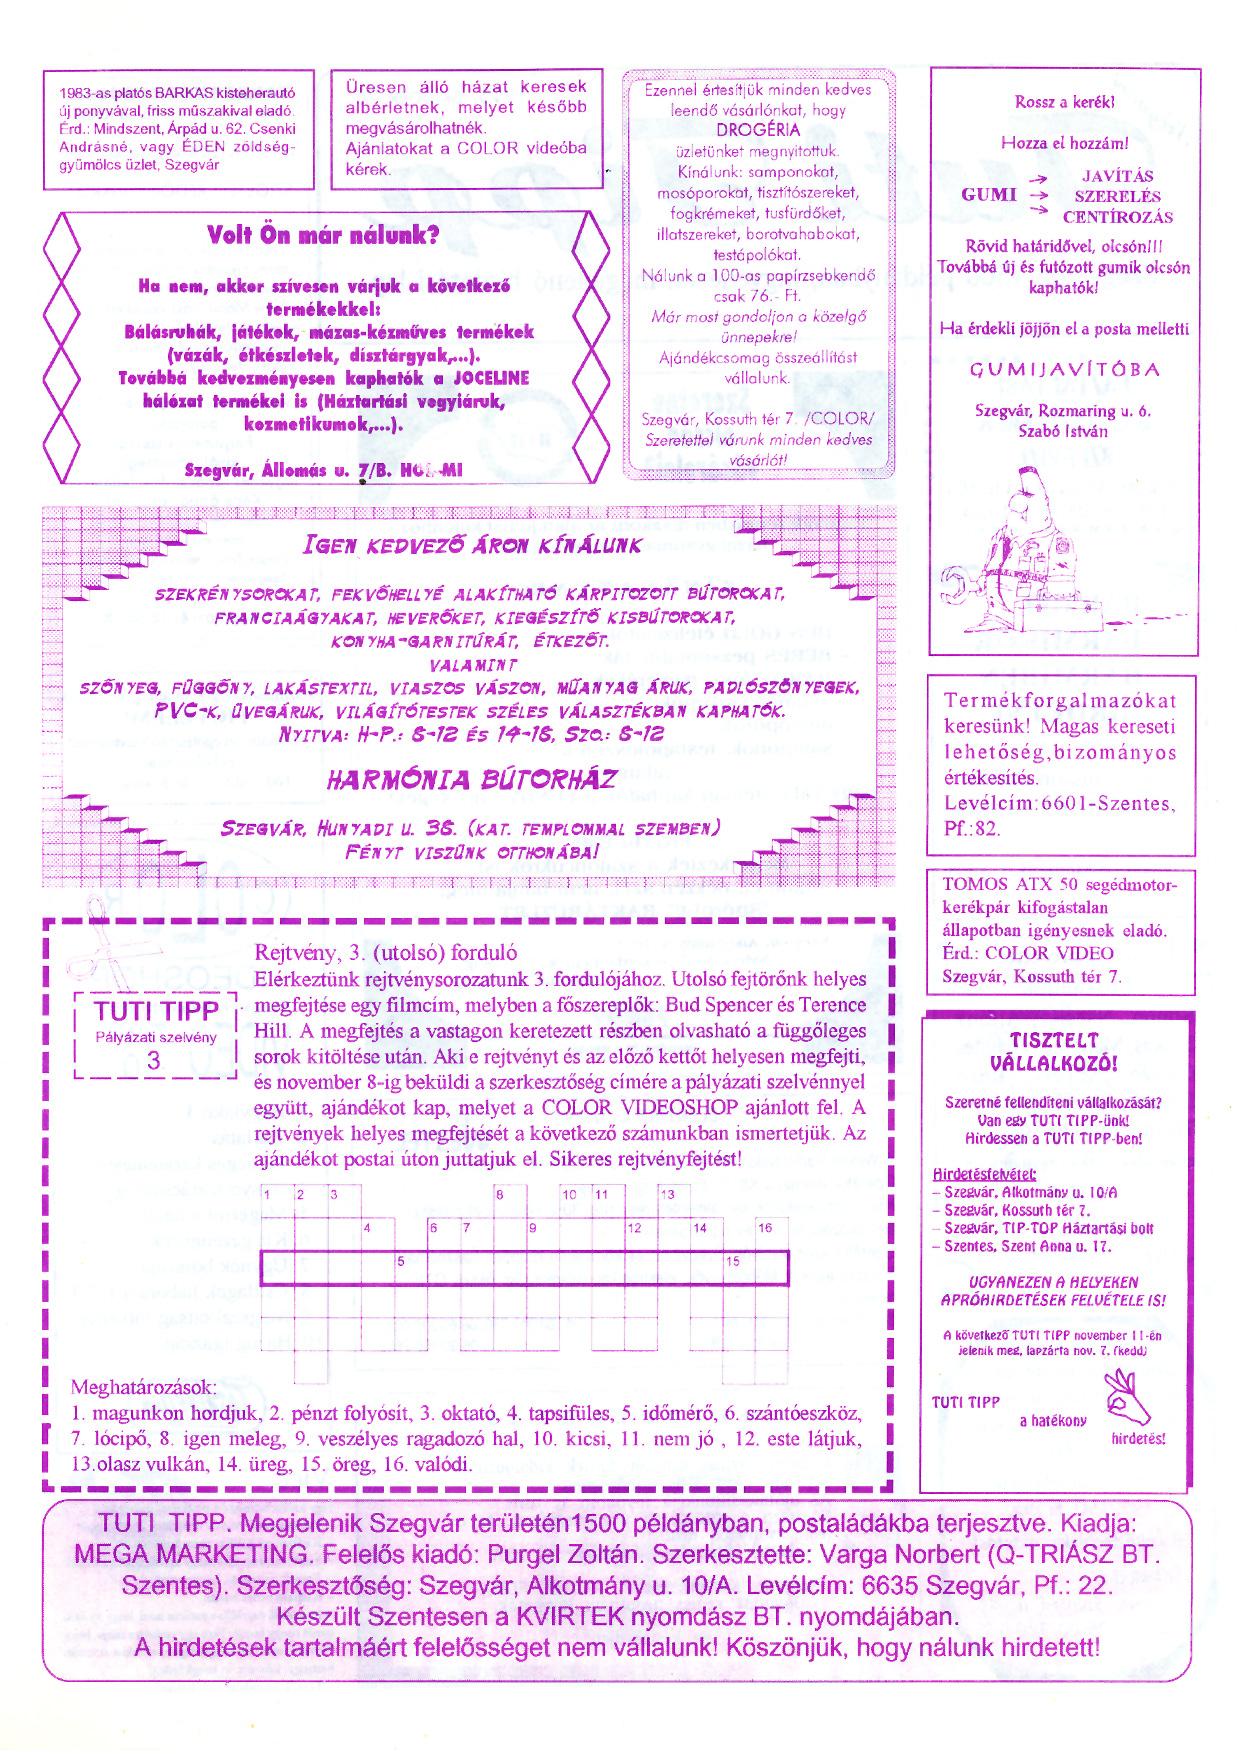 014 Tuti Tipp reklámújság - 19951028-006. lapszám -2.oldal - I. évfolyam.jpg